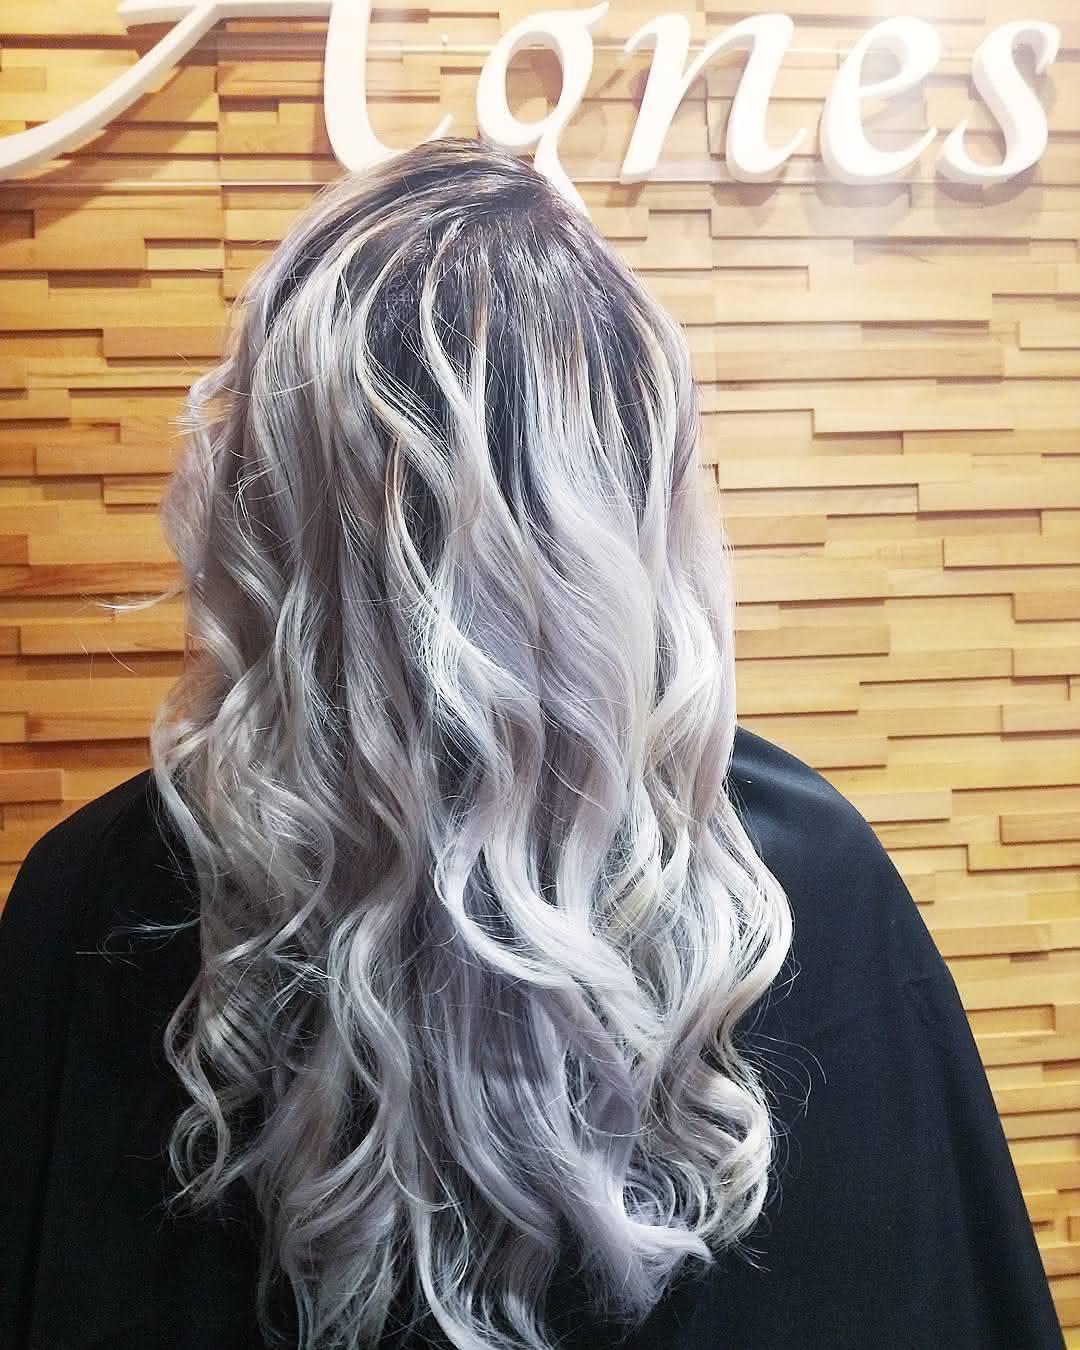 Mechas Ombr 201 Hair Em Morenas Muitas Fotos E Dicas